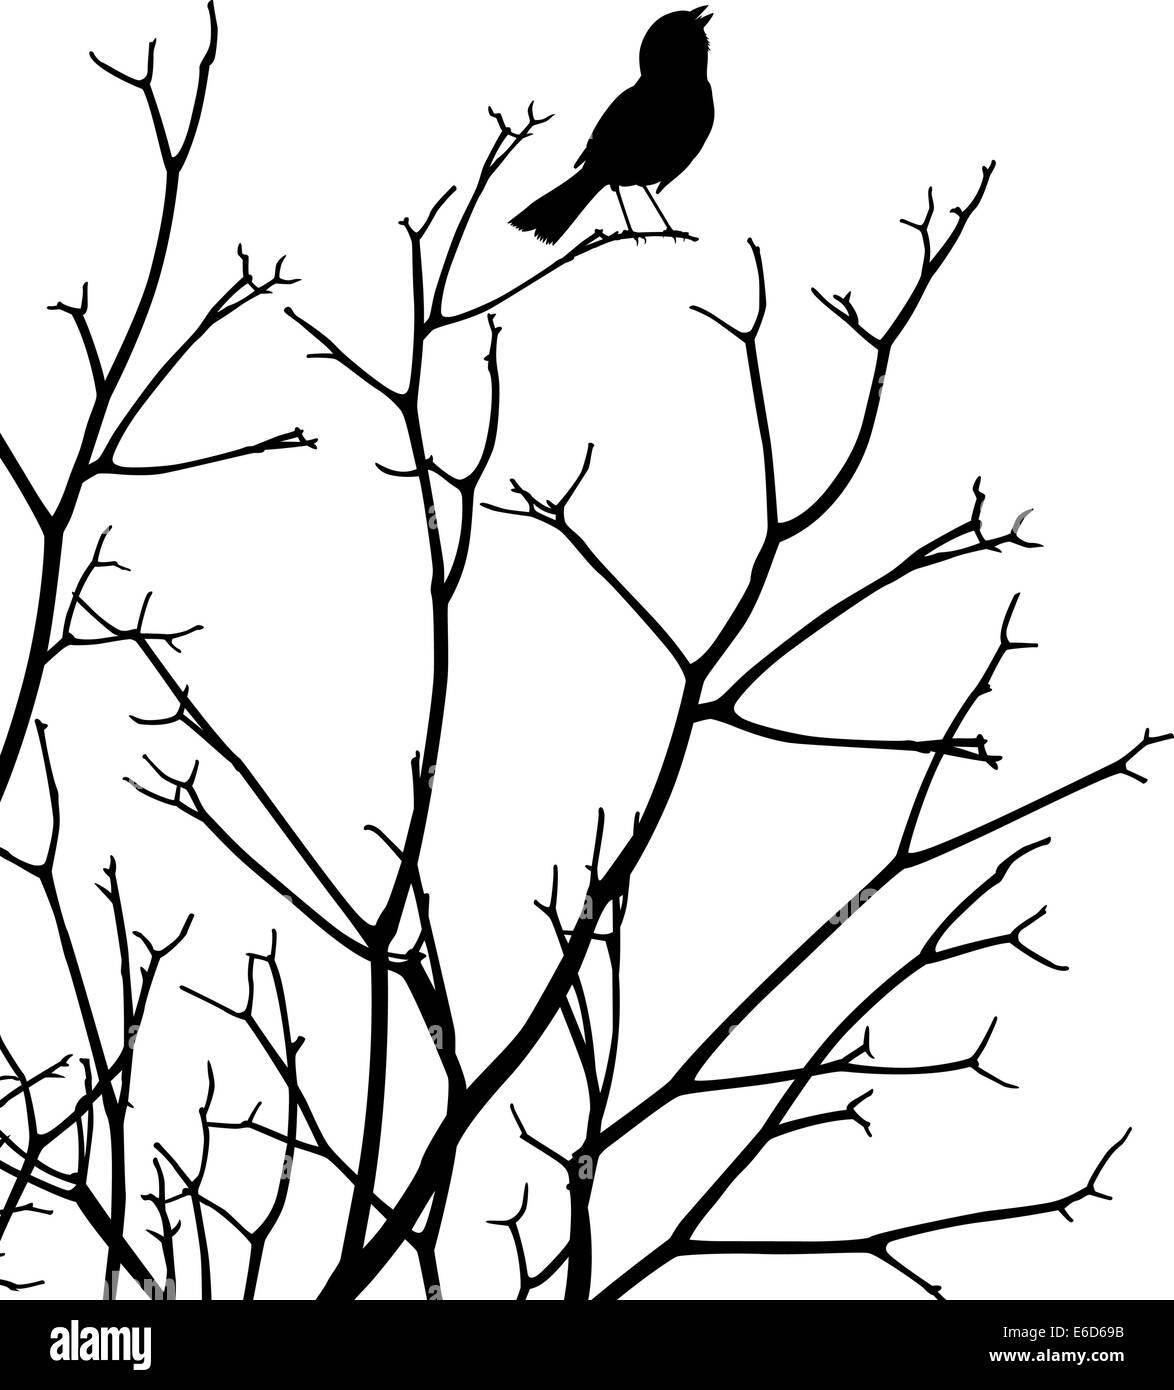 Vecteur modifiable silhouette d'un chant d'oiseaux en haut d'un arbre nu Photo Stock